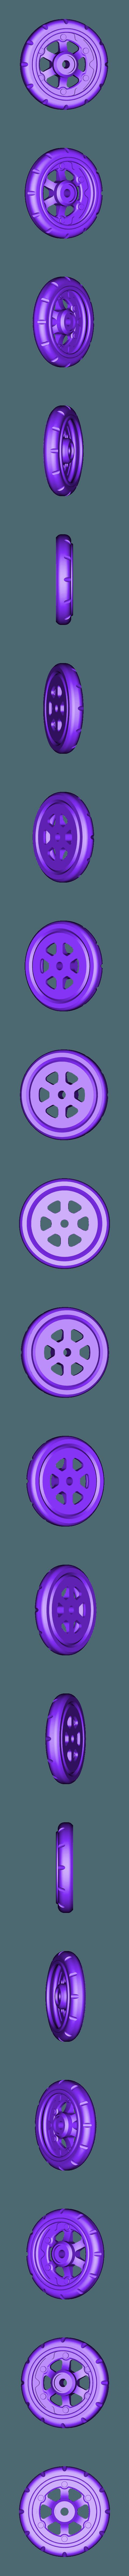 Wheel_Balloon_Front_L.stl Télécharger fichier STL gratuit Vapemobile : Voiture jouet pneumatique • Modèle pour imprimante 3D, Slava_Z